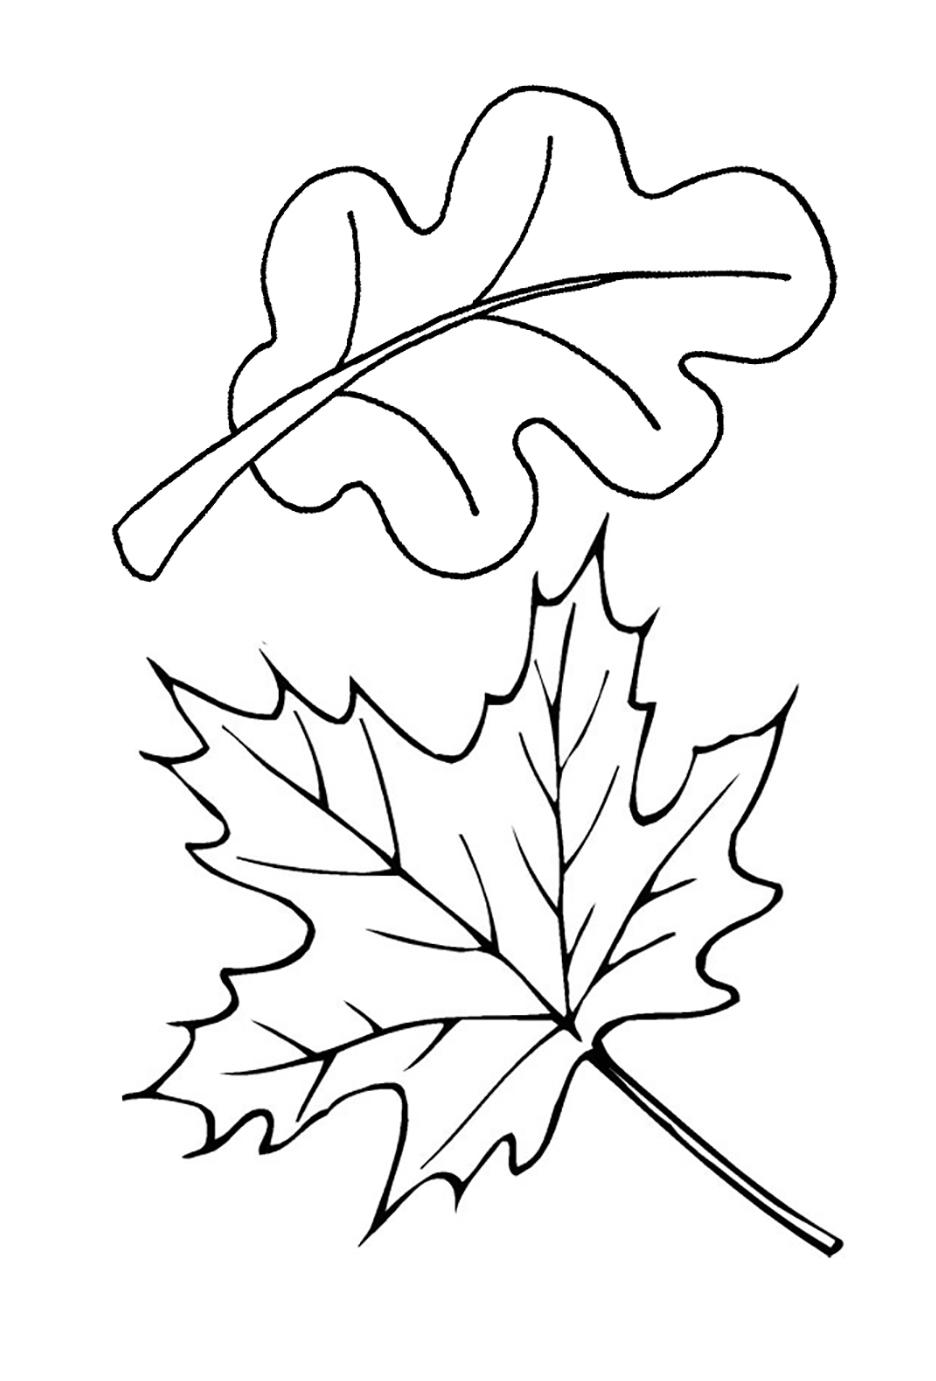 Лист раскраска картинки для детей